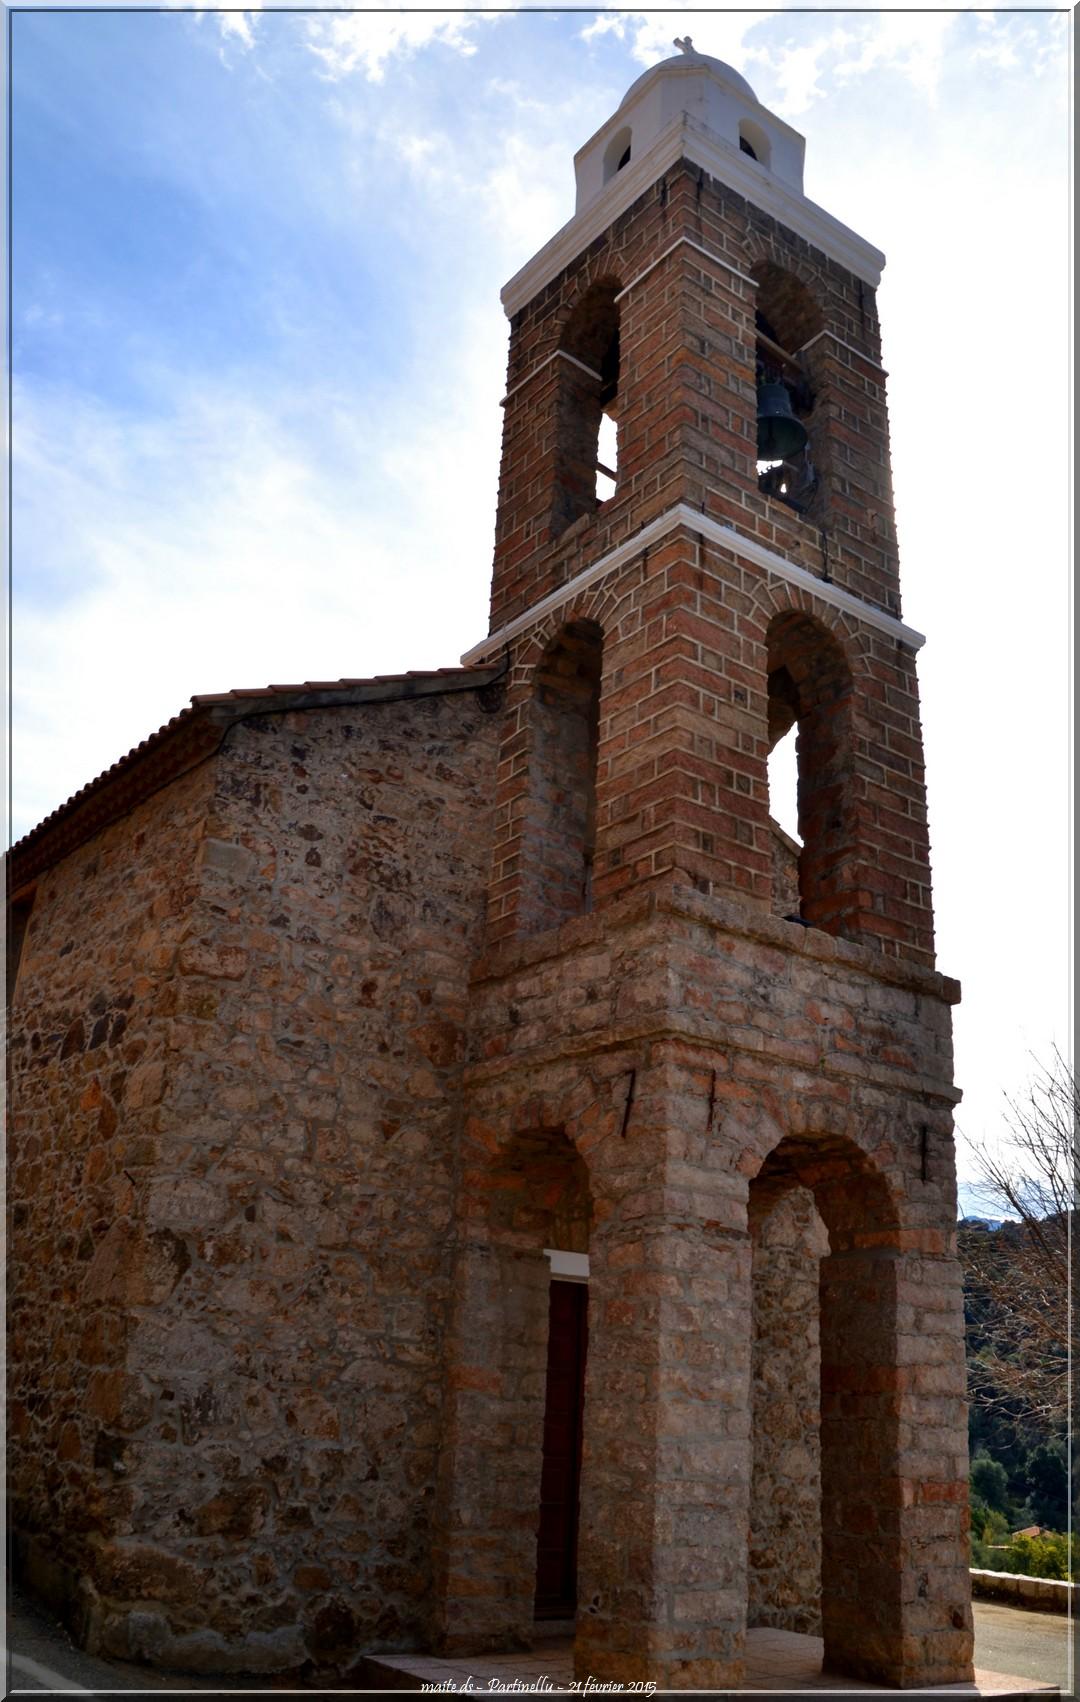 Eglise St-Antoine de Padoue - Partinellu - Corse